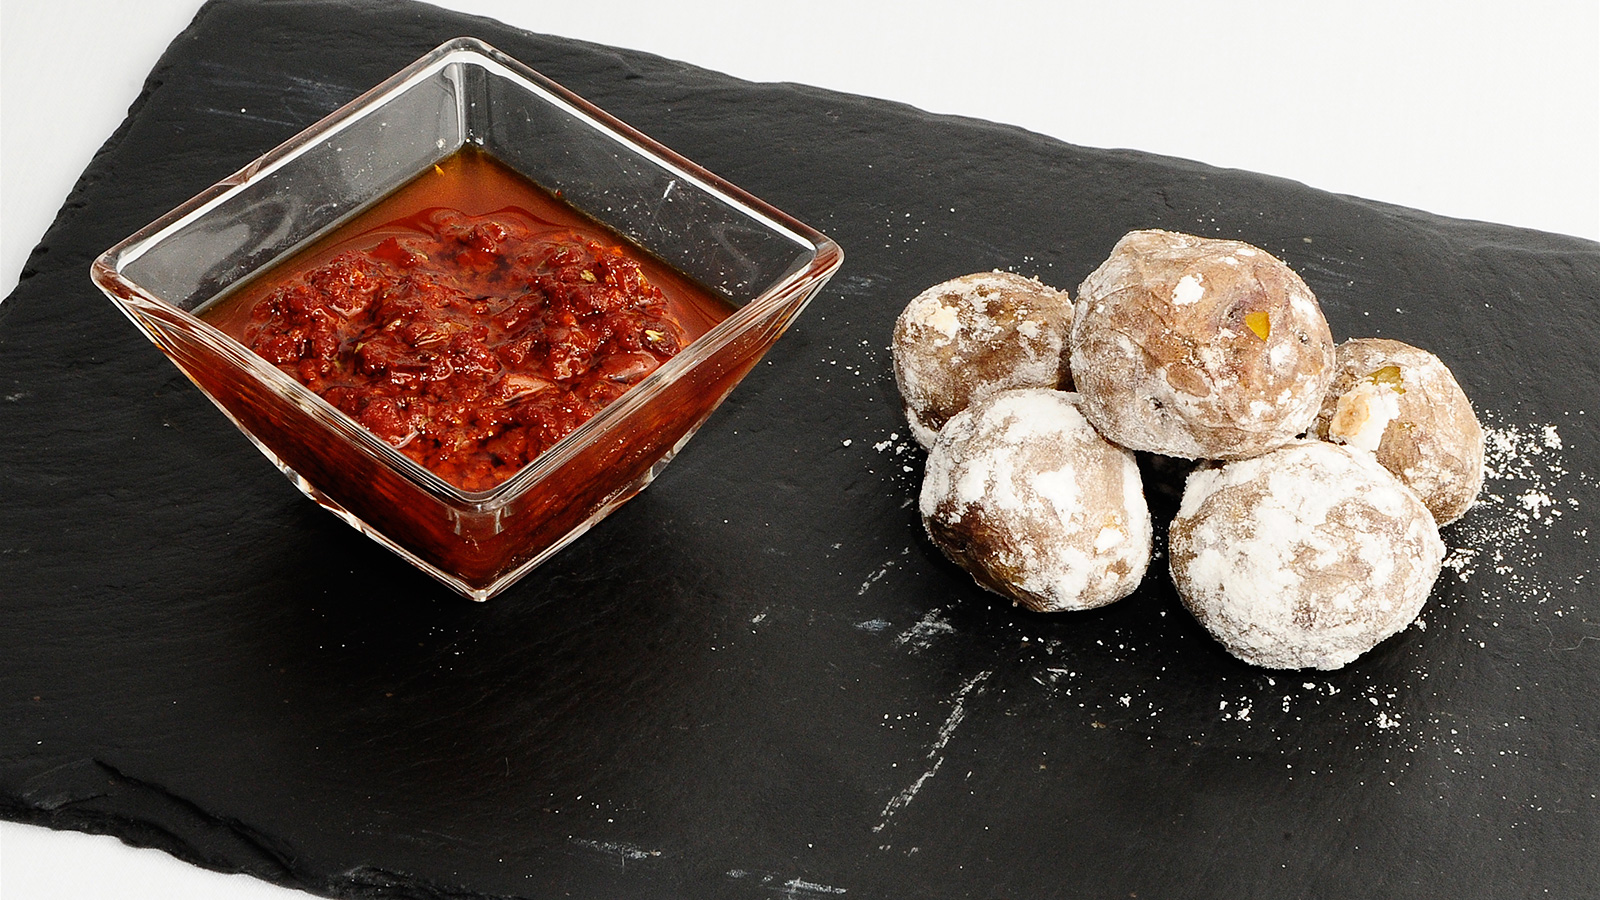 Mojo rojo con papas sergio fern ndez receta canal cocina for Canal cocina sergio fernandez